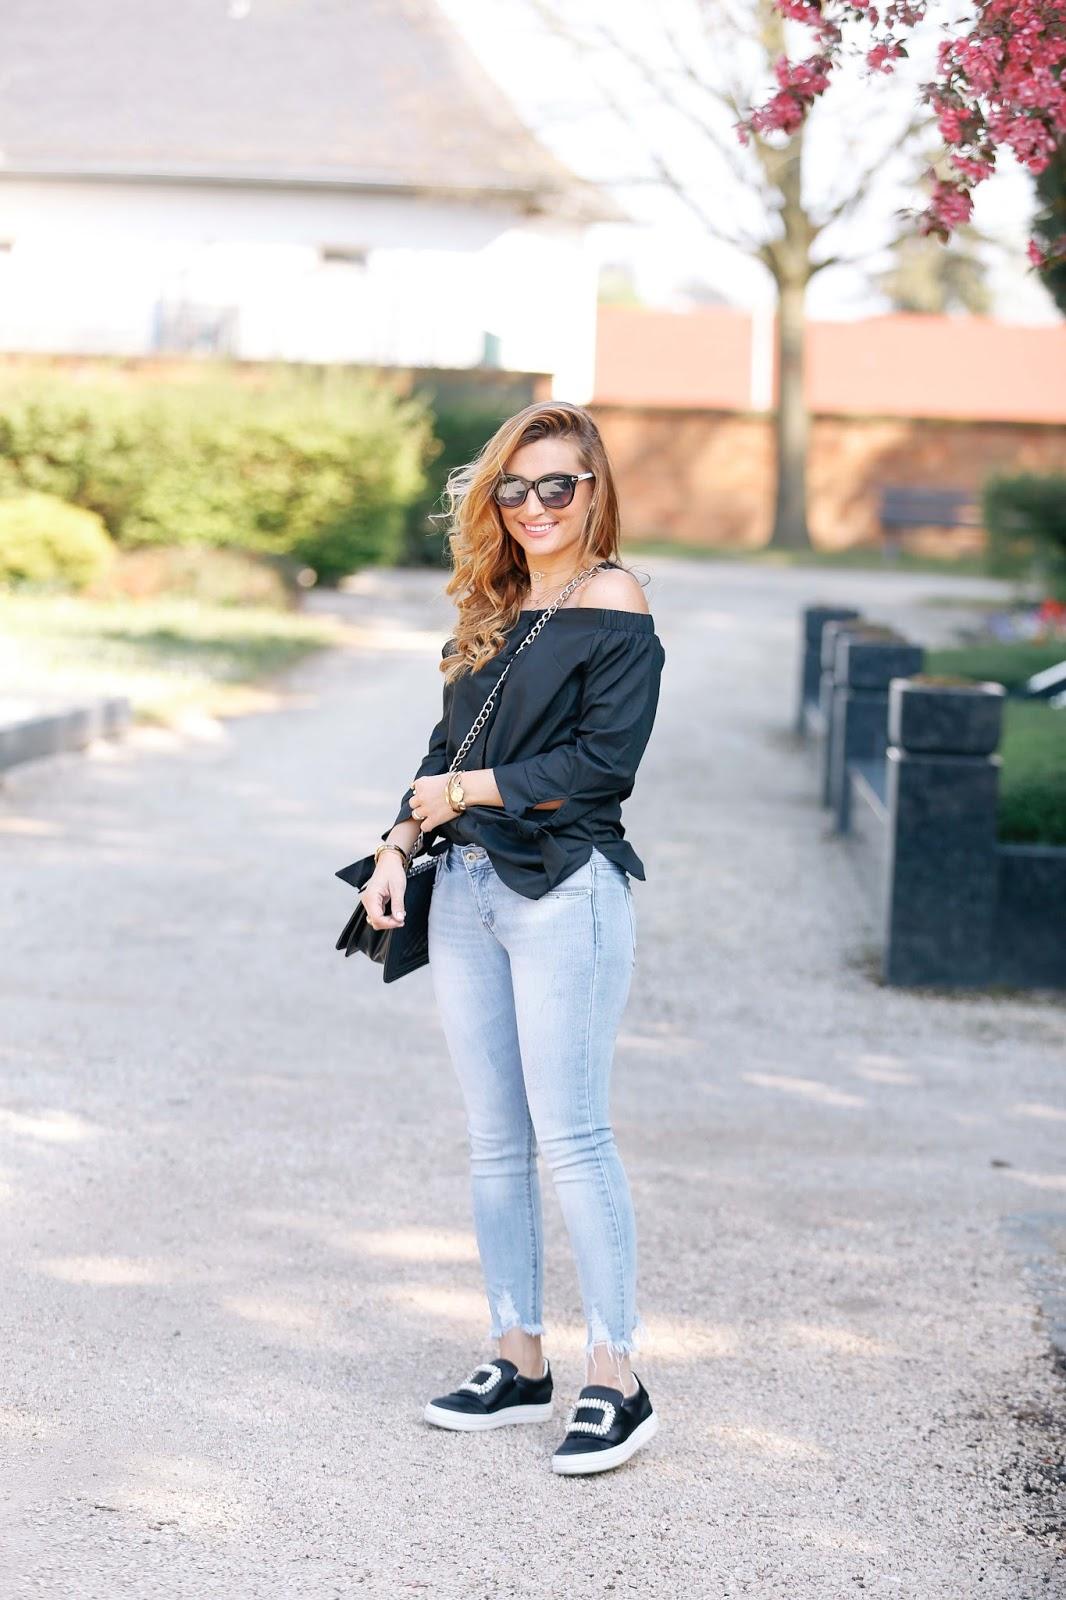 Schuhe-mit-einer-brosche-olivia-palermo-look-fashionstylebyjohanna